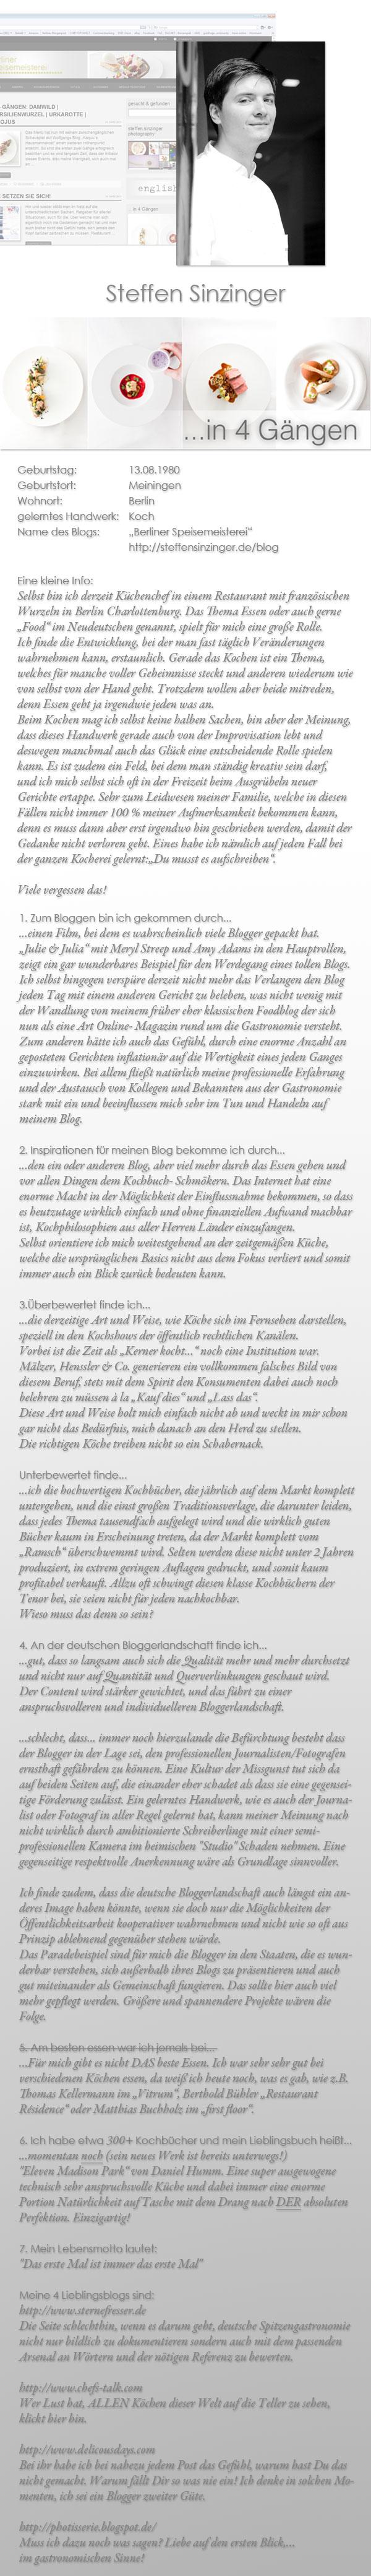 Steffen-Sinzinger-der-Berliner-Speisemeisterei